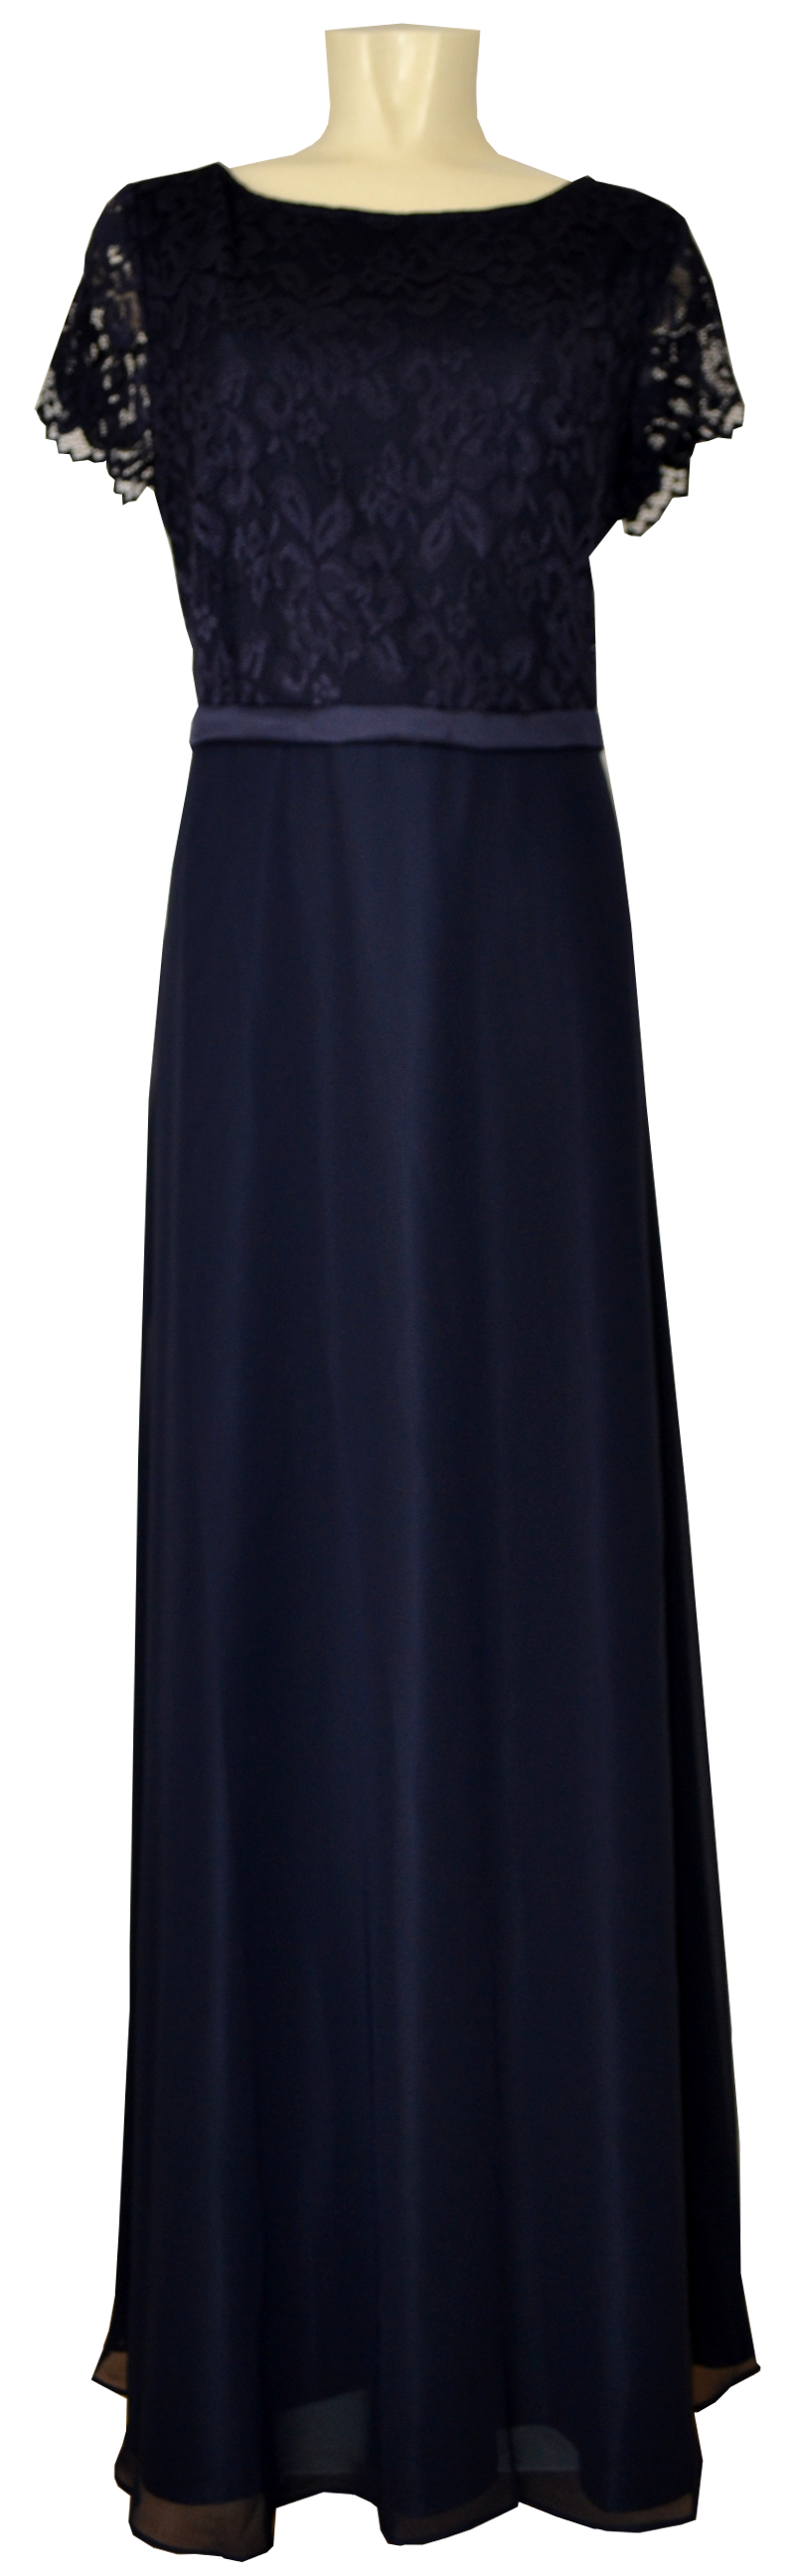 Langes Ballkleid von Vera Mont in night sky | Mode Dasenbrock